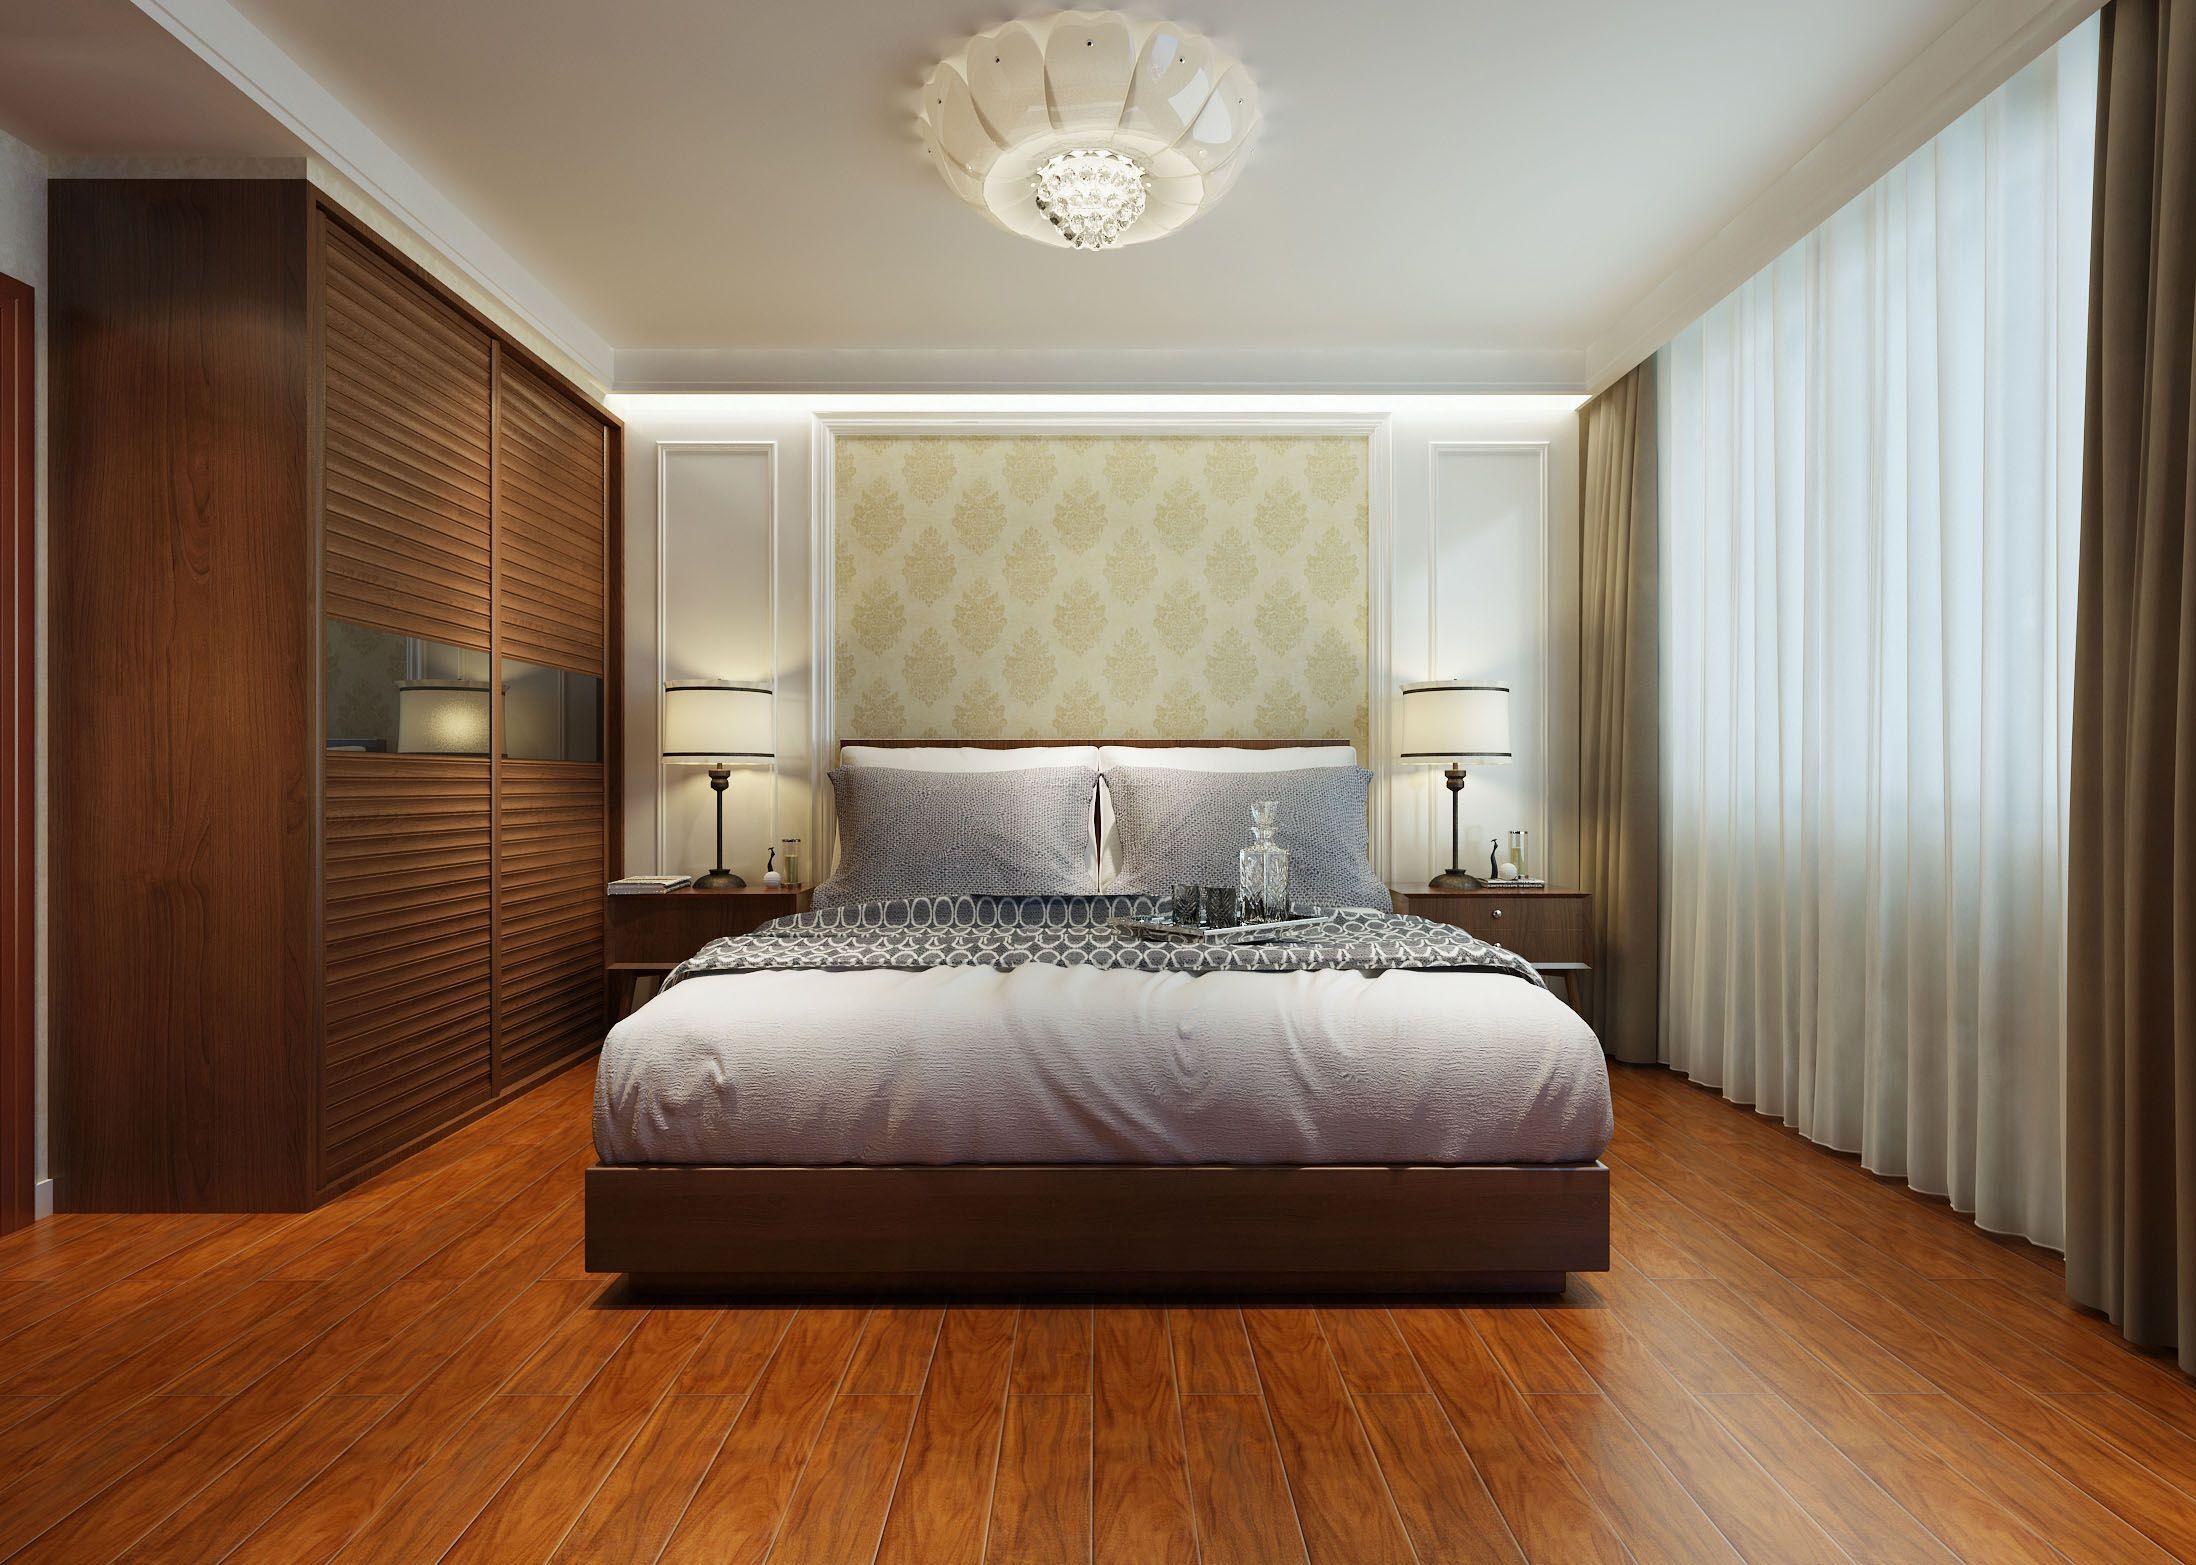 家装效果图 中式 2017新中式卧室实木衣柜推拉门装修效果图 提供者